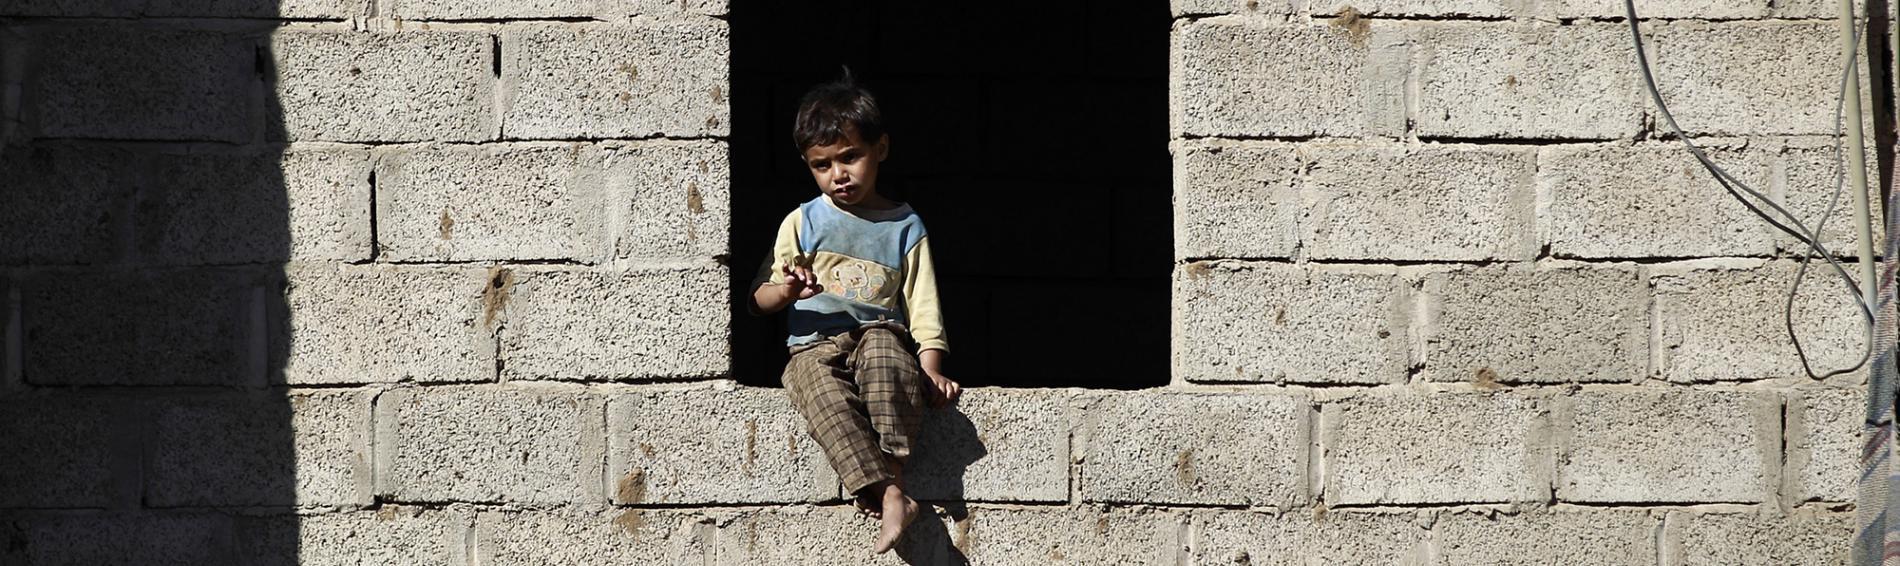 Junge im Jemen. Foto: Ärzte der Welt